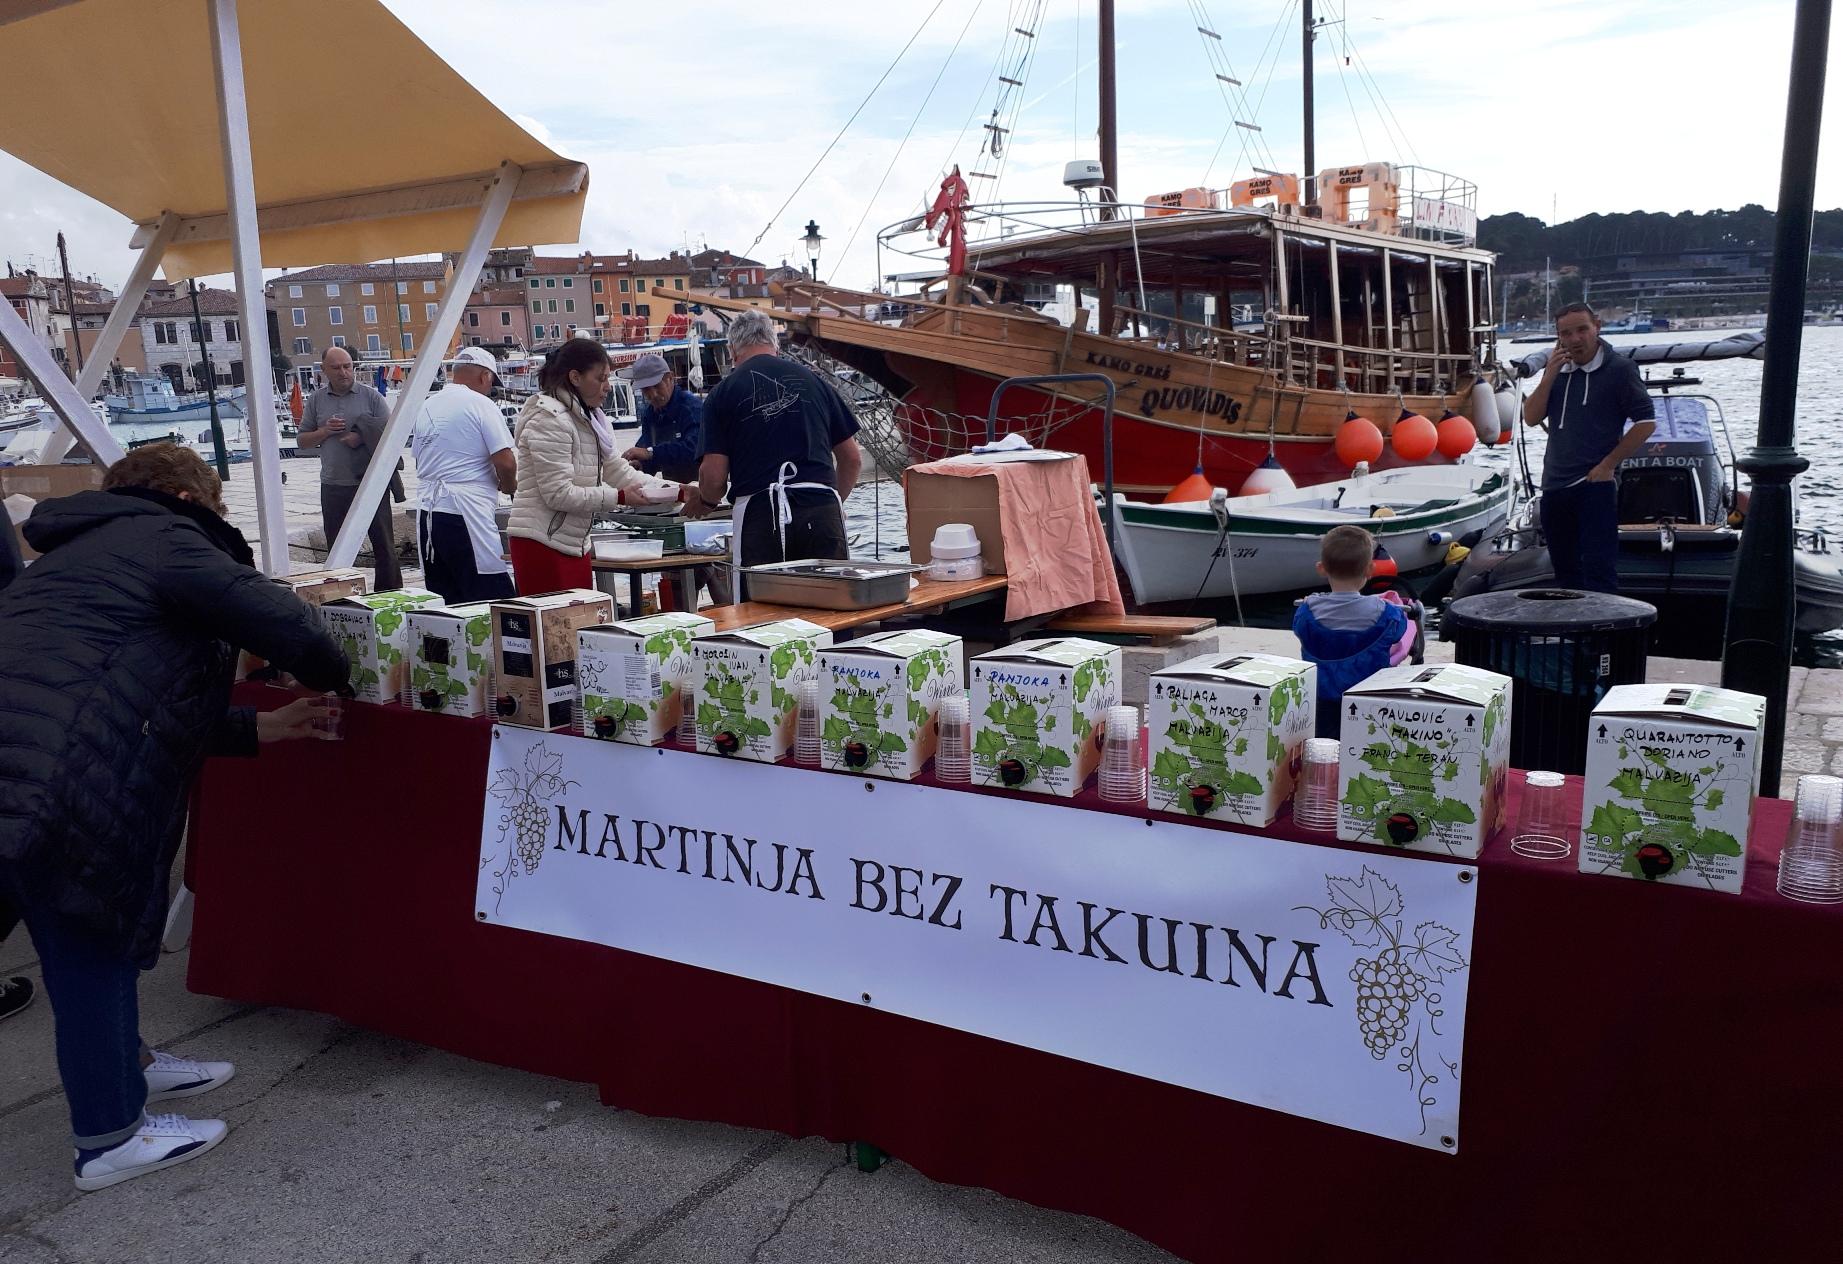 Kušajte mlada vina na manifestaciji  Martinja bez takuina – San Martin sensa tacuin